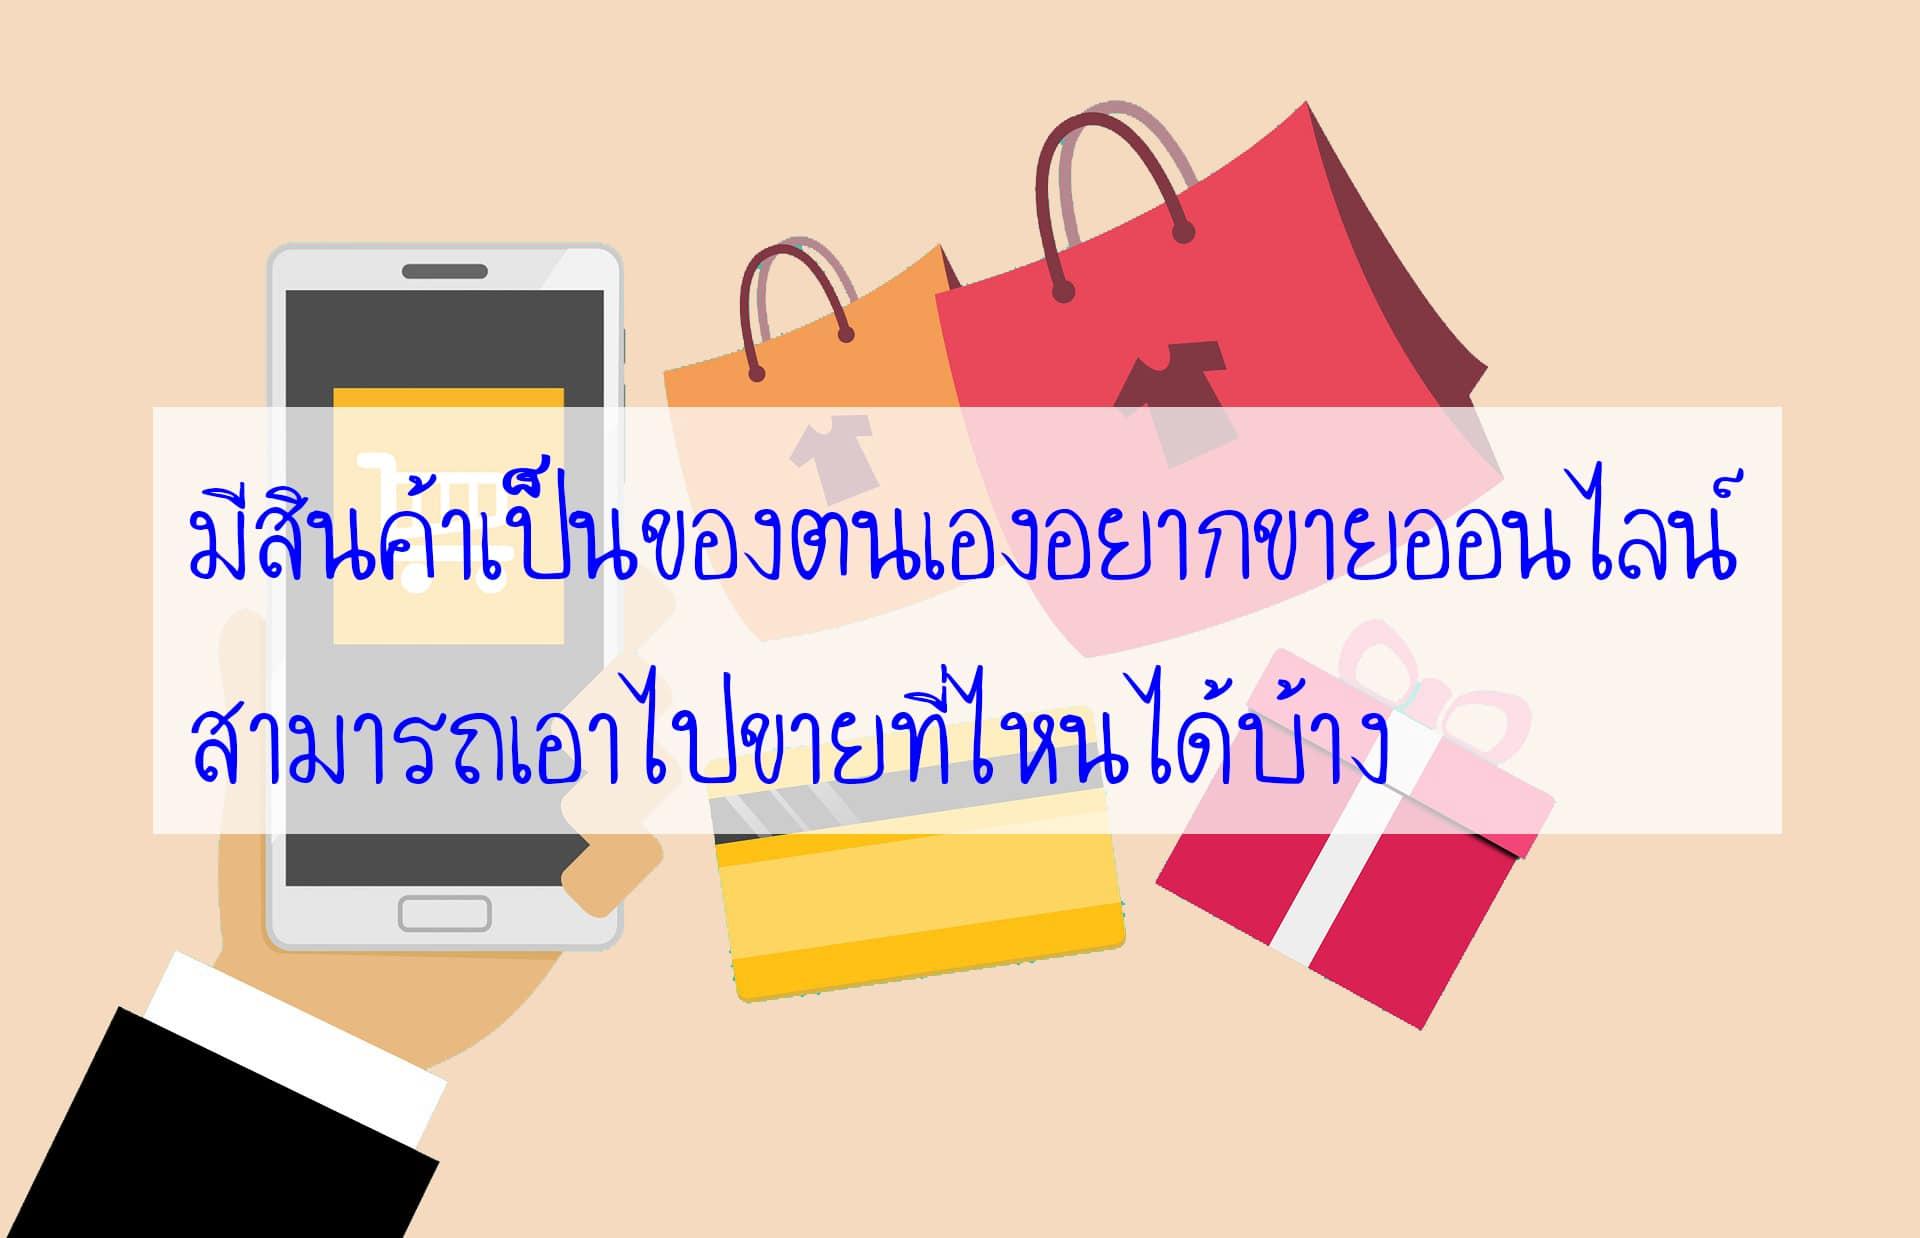 มีสินค้าเป็นของตนเองอยากขายออนไลน์สามารถเอาไปขายที่ไหนได้บ้าง